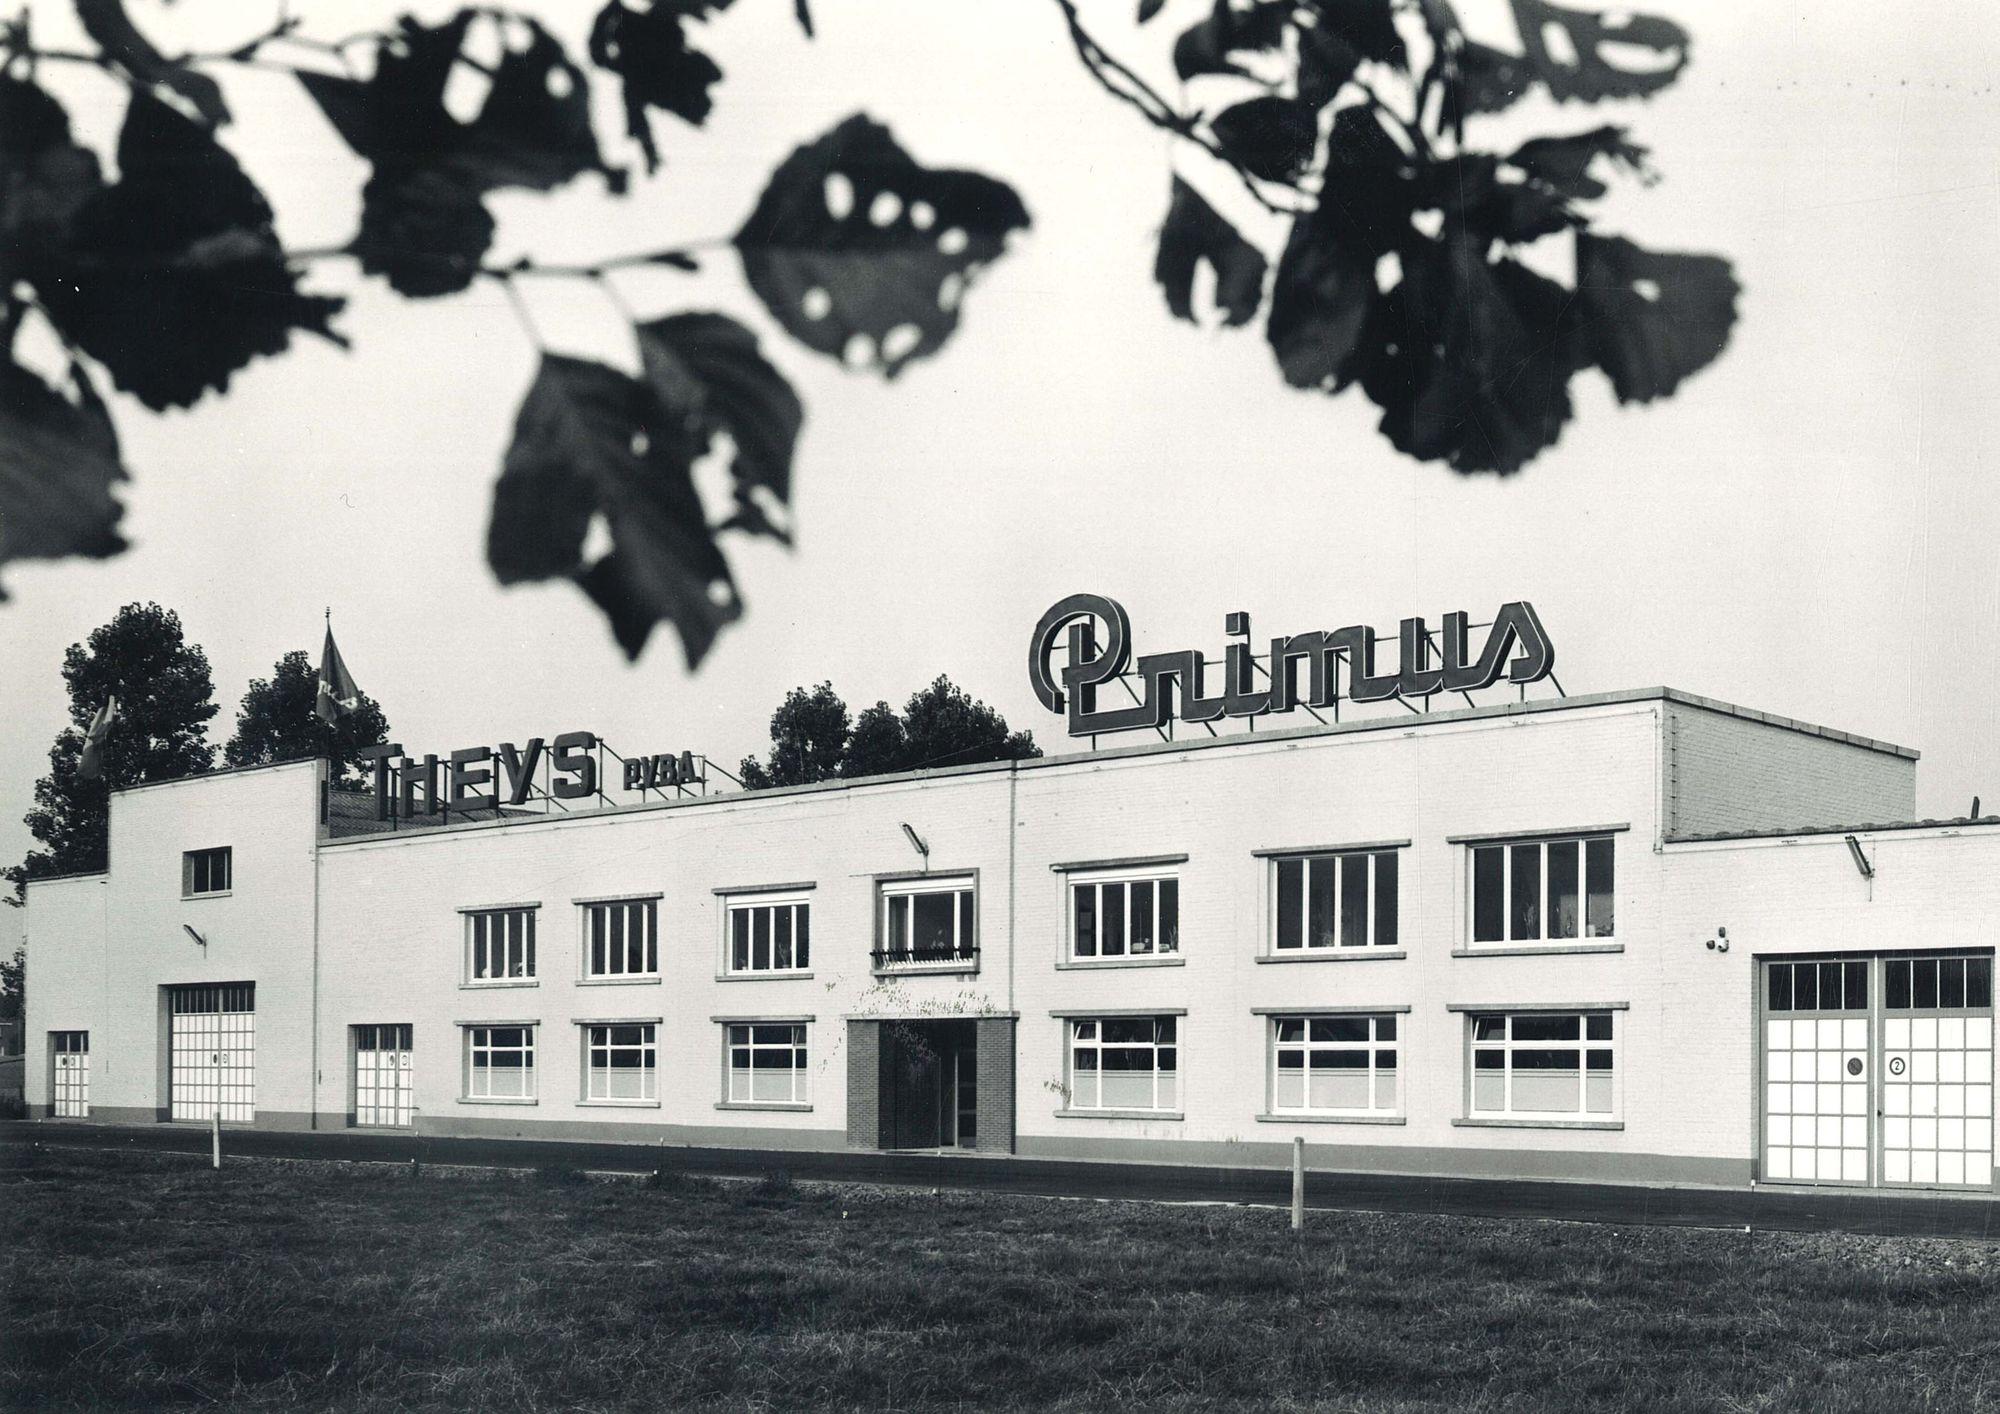 Theys pvba - Primus 1975